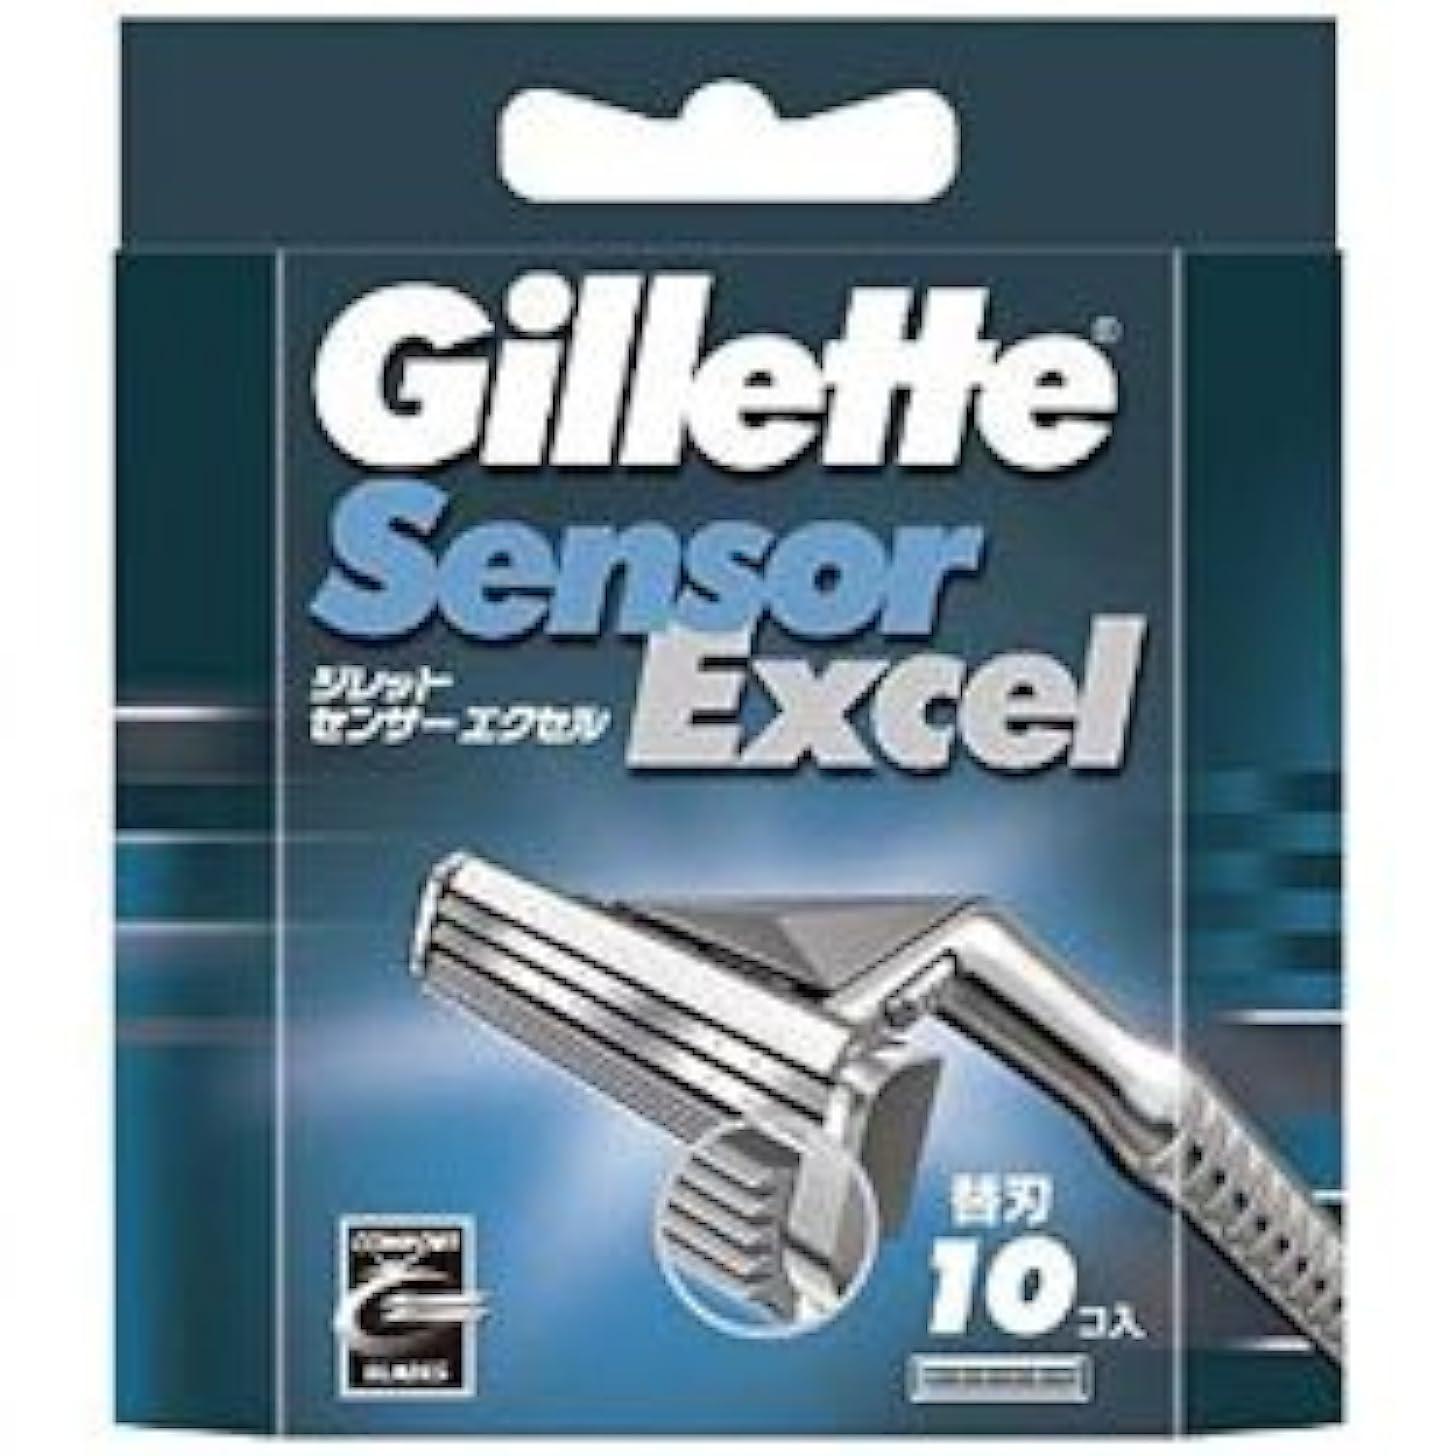 七時半僕のラジウム【P&G】ジレット センサーエクセル 専用替刃 10個入 ×3個セット